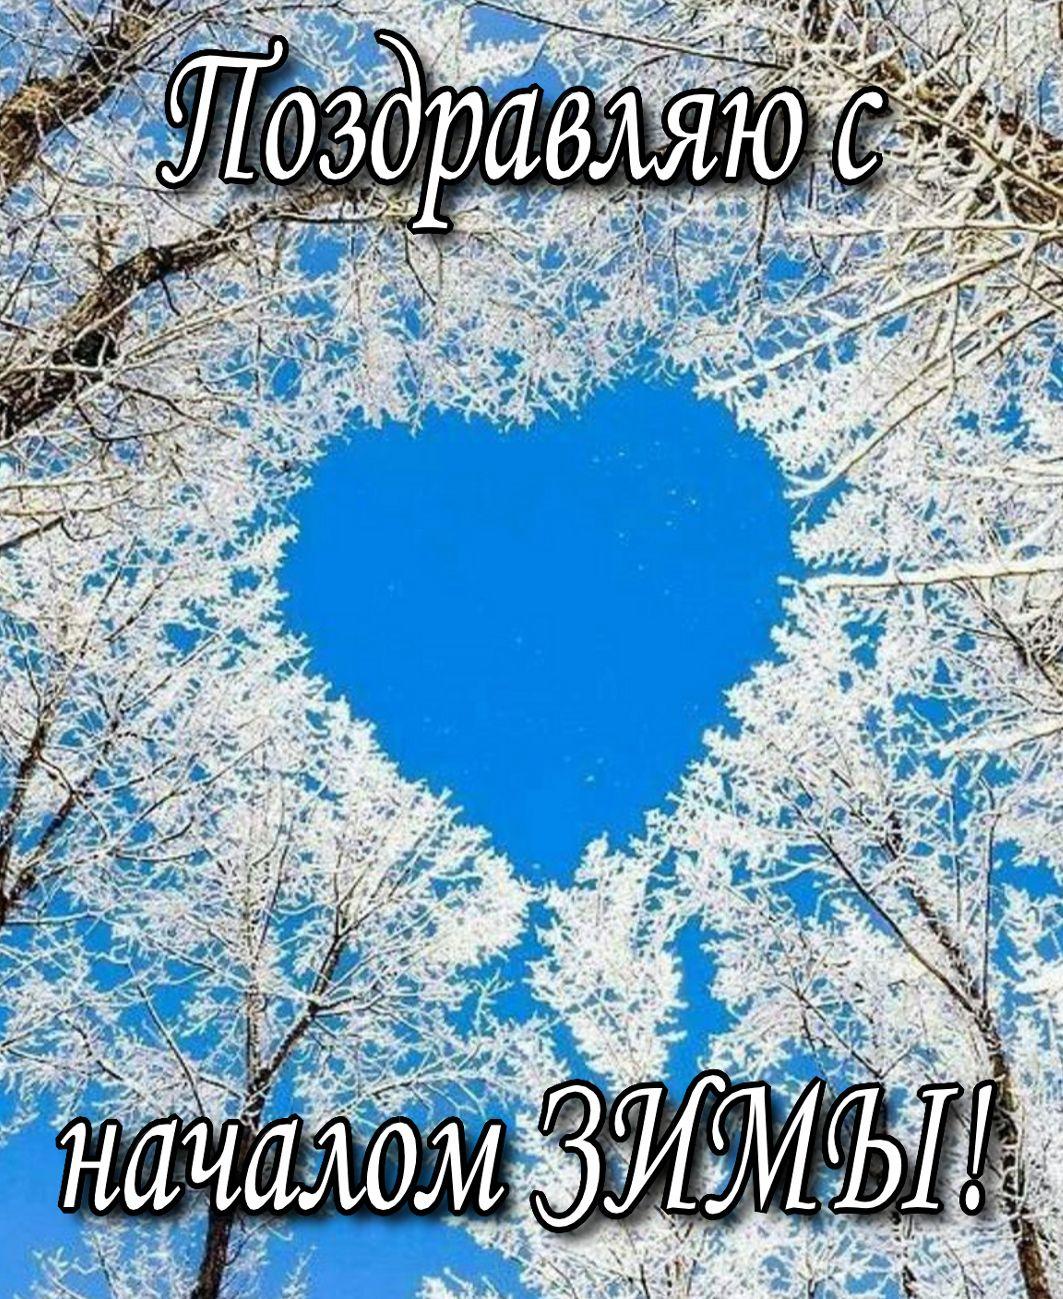 Открытка с началом зимы - сердечко из деревьев в голубом небе